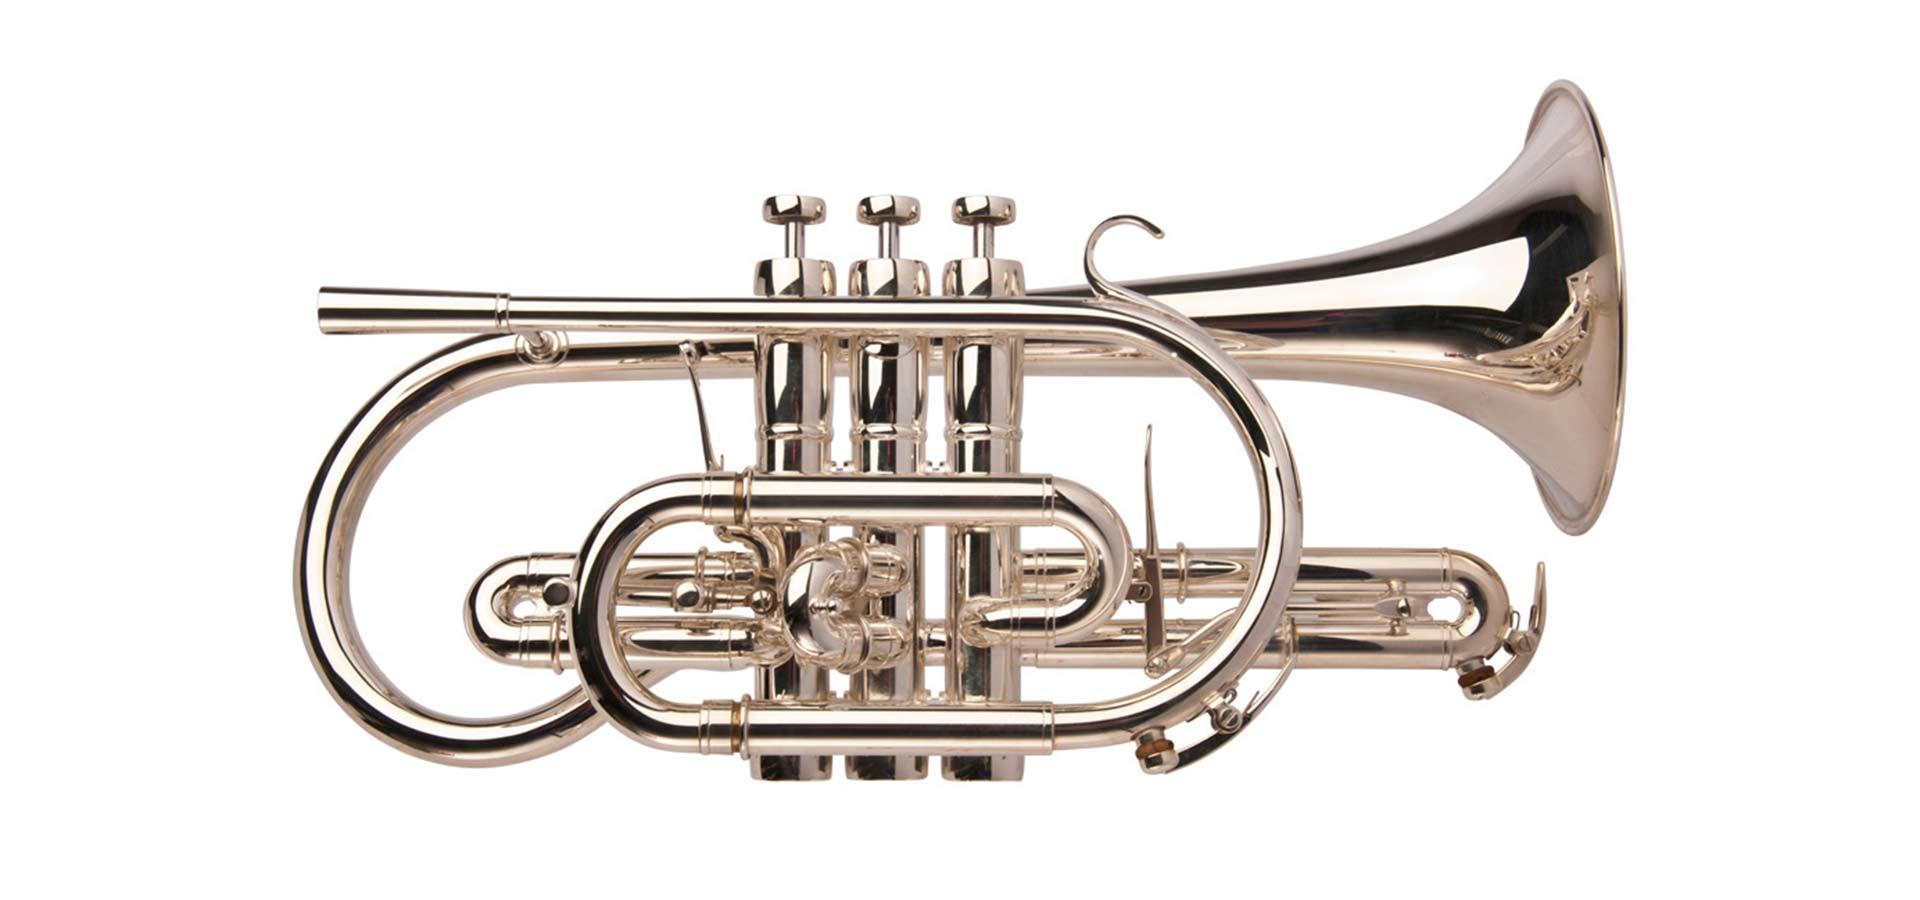 Fultone Brass - Adams - Cornet